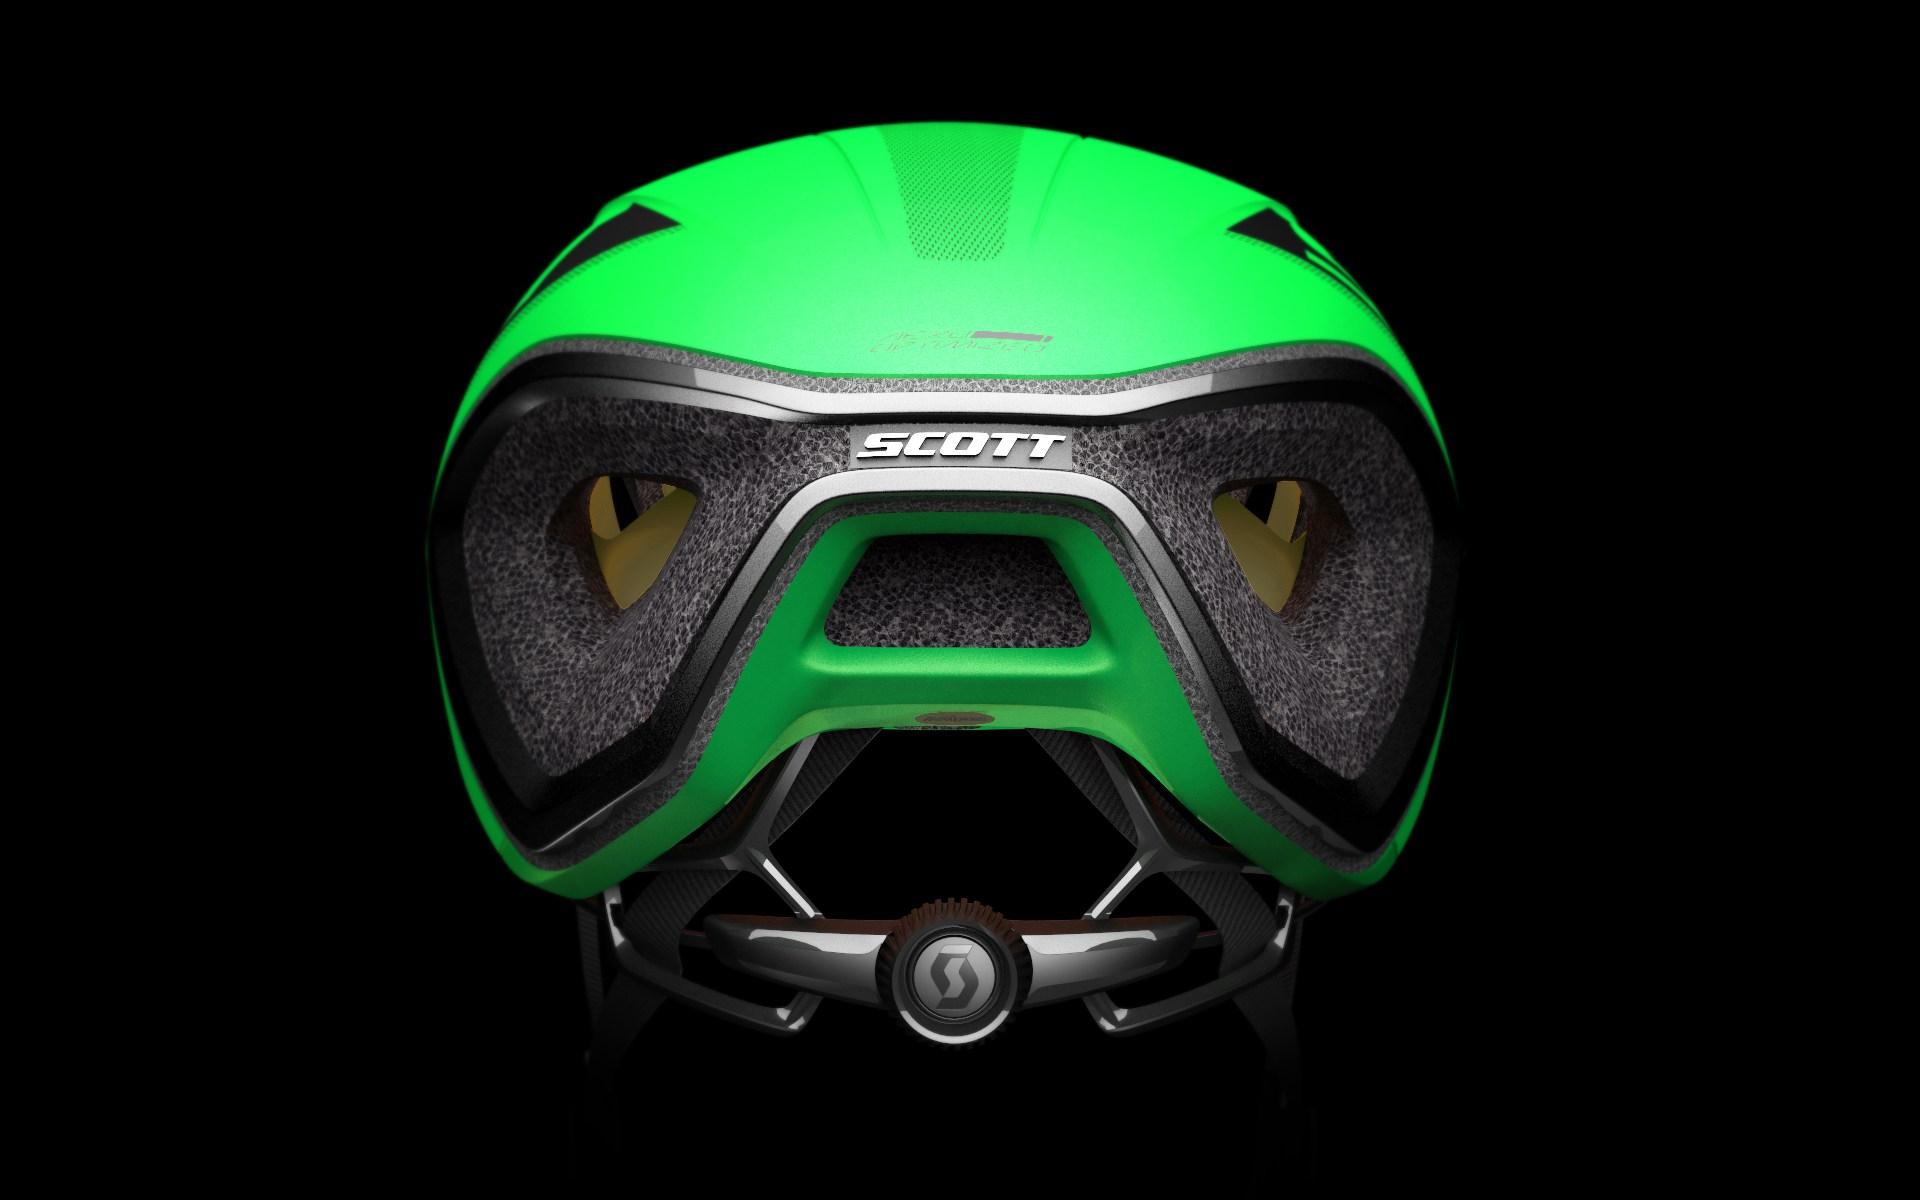 capacete-scott-cadence-plus-2017-tecnologia-ventilacao